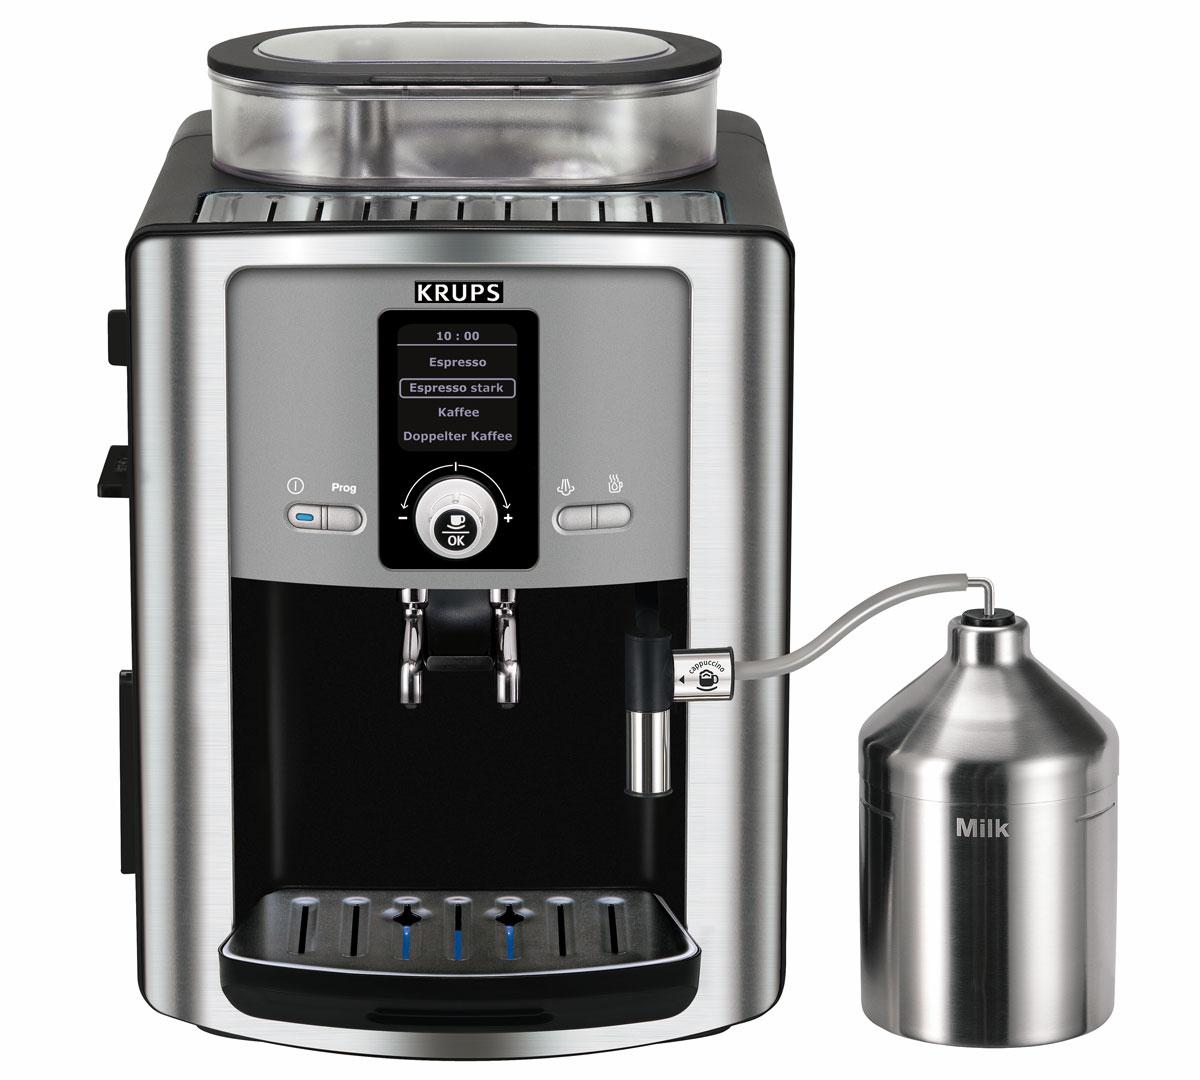 Krups EA8050PE Compact Espresseria кофемашинаEA8050Krups EA8050PE Compact Espresseria - компактная автоматическая кофемашина, которая приготовит ароматный зерновой кофе по вашему вкусу. На панели управления можно установить крепость и температуру кофе по своему вкусу, а также выбрать большую или маленькую порцию напитка от 20 до 220 мл. Регулируемый кофейный дозатор на две порции позволяет установить высоту чашки от 60 до 105 мм.АвтокапучинаторДанная модель имеет специальное паровое сопло для подачи пены или горячего молока. Капучино или кофе латте – нажатием кнопки: молоко автоматически всасывается из контейнера, нагревается и смешивается, молочная пена или горячее молоко наливаются непосредственно в чашку.Фильтр для водыЭффективность работы фильтра основана на запатентованной технологии принцип восходящего потока: фильтр активизируется только тогда, когда вода начинает всасываться помпой. Смягчает жесткую воду, снижает содержание вредных примесей в воде, влияющих на вкус эспрессо (жесткость воды до 75%; хлор до 85%; свинец до 90%; медь до 95%; алюминий до 67%).Регулировка тонкости помола поворотом ключаАроматный и горячий кофе-эспрессо получится уже с самой первой чашки за счет моментального и равномерного нагрева воды и оптимальной экстракции кофе.Емкость контейнера для зерен: 275 гКонтейнер для отходовОдновременное приготовление двух чашекАвтоматическая декальцинацияФильтр для водыАвтоматические программы по уходуРегулируемая высота дозатора для кофеСъемный лоток для сбора капельЕмкость для молока 700 млРаздельные бойлеры